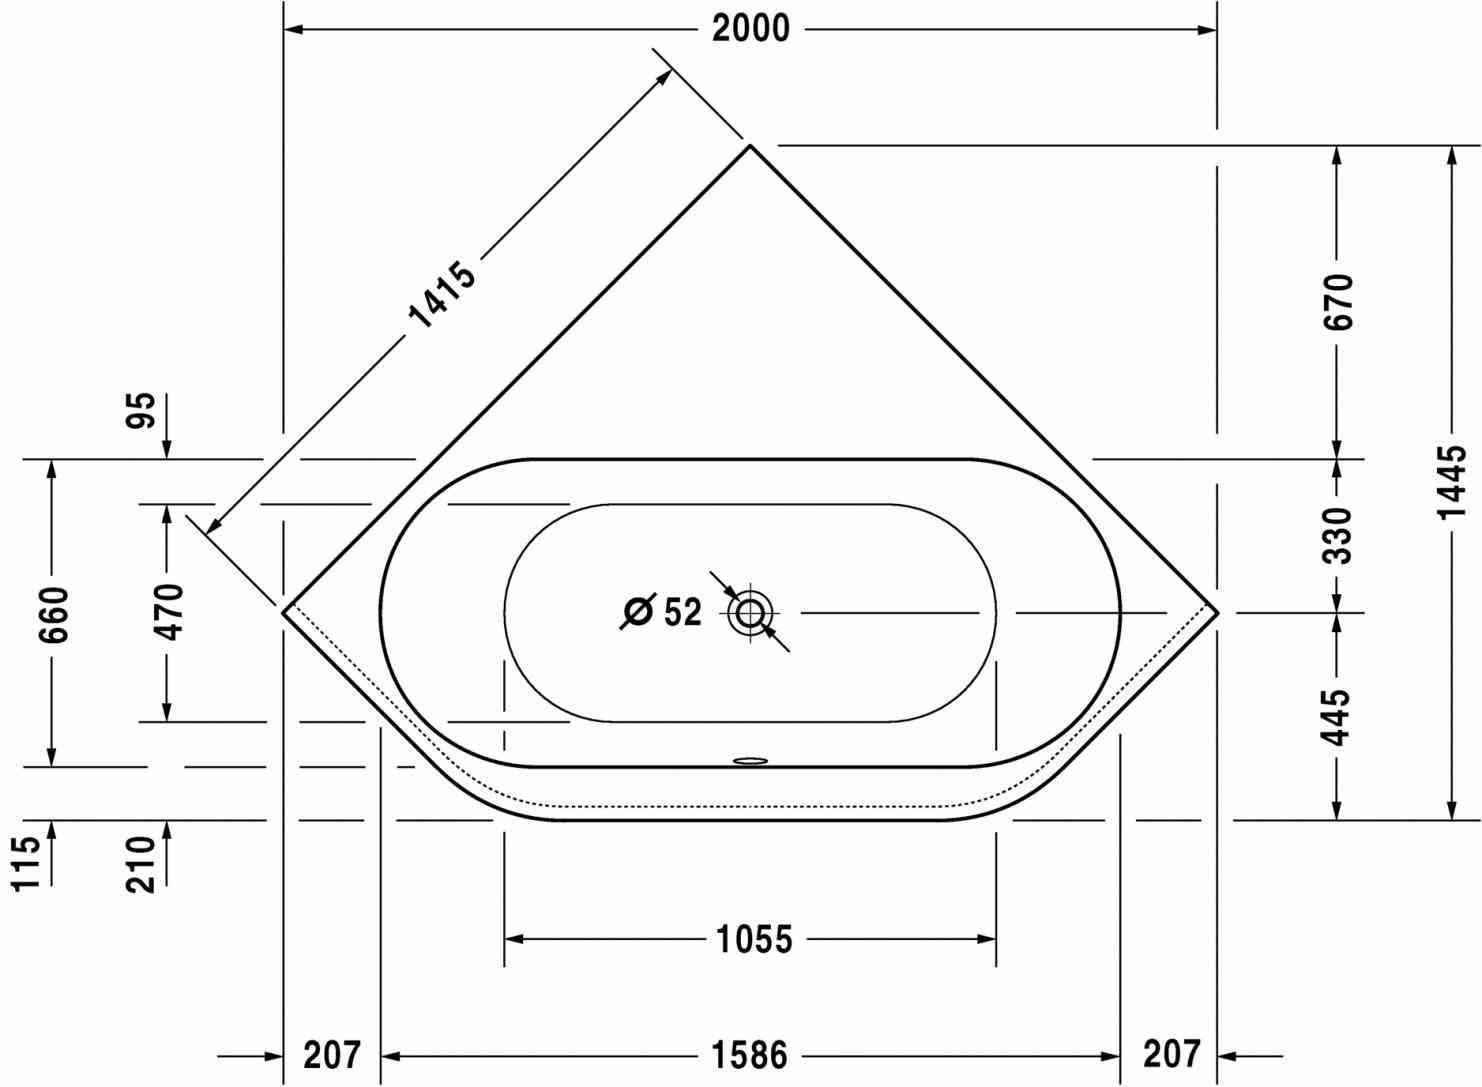 Corner Bath Dimensions Standard Corner Bathtub Dimensions Corner Bathtub Sizes U Bath Tub Ctf Or Brrzxen Kitchen I In 2020 Bathtub Sizes Bathtub Dimensions Tub Sizes